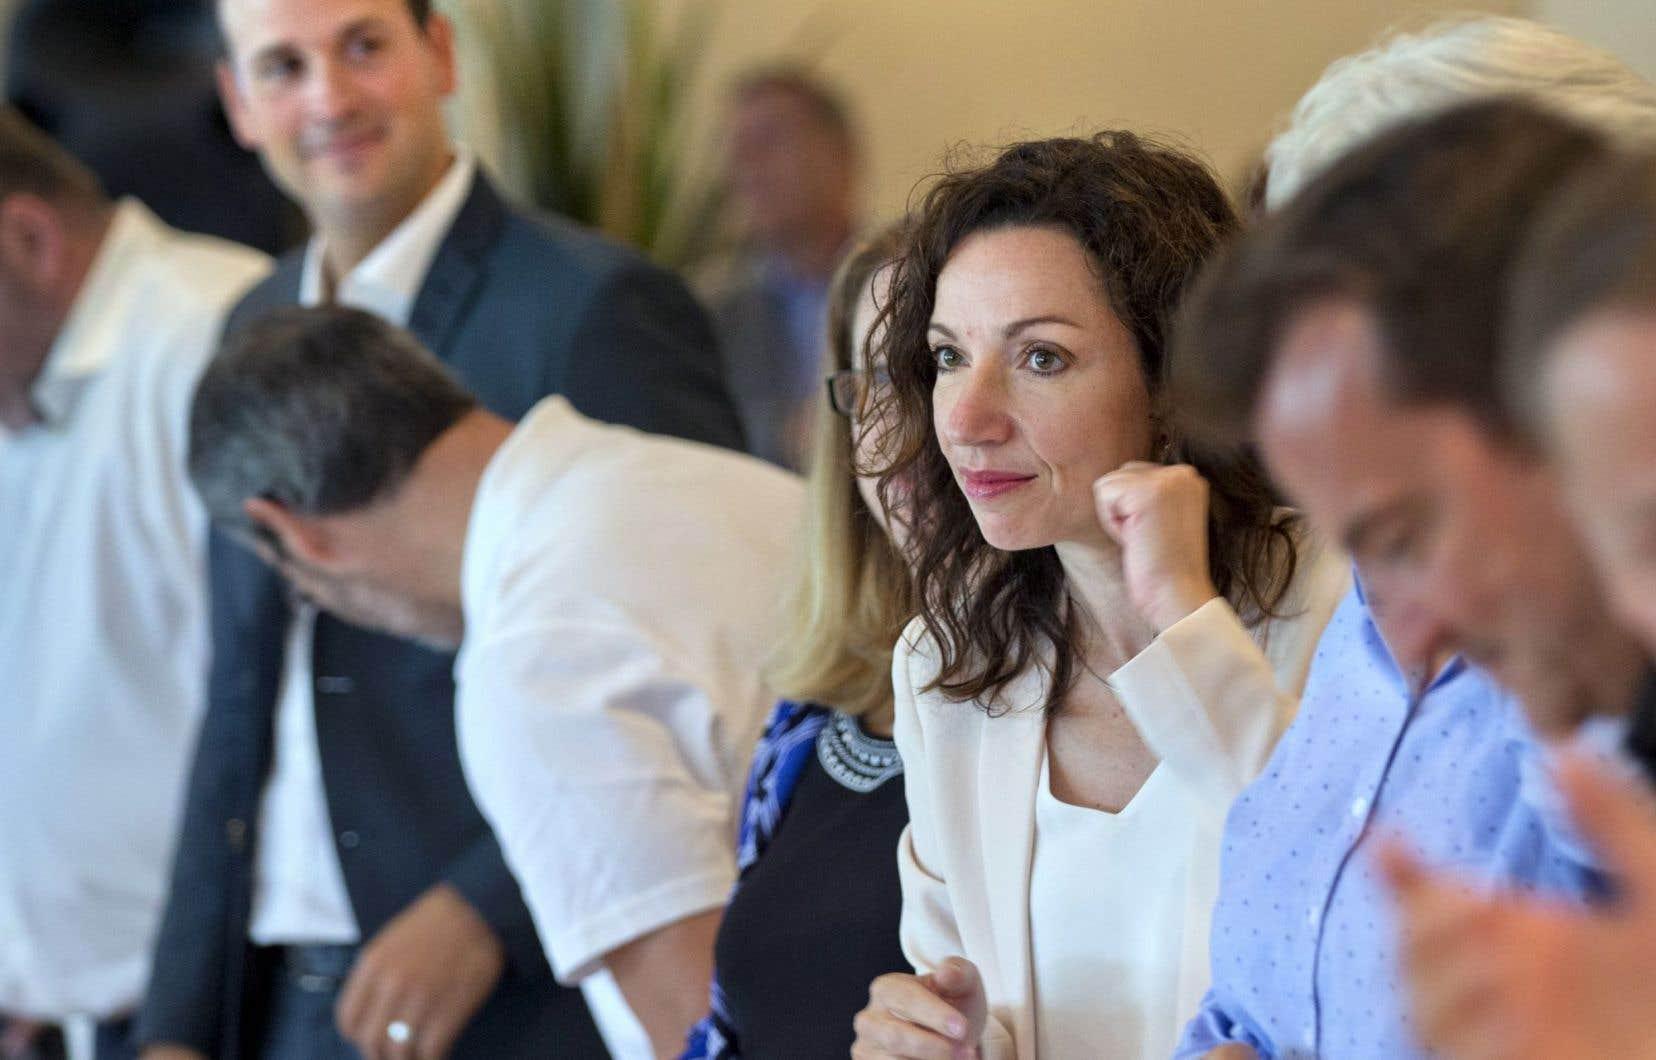 Alexandre Cloutier, à gauche sur la photo, s'est lavé de tous les reproches formulés par ses adversaires, y compris Martine Ouellet (à droite).